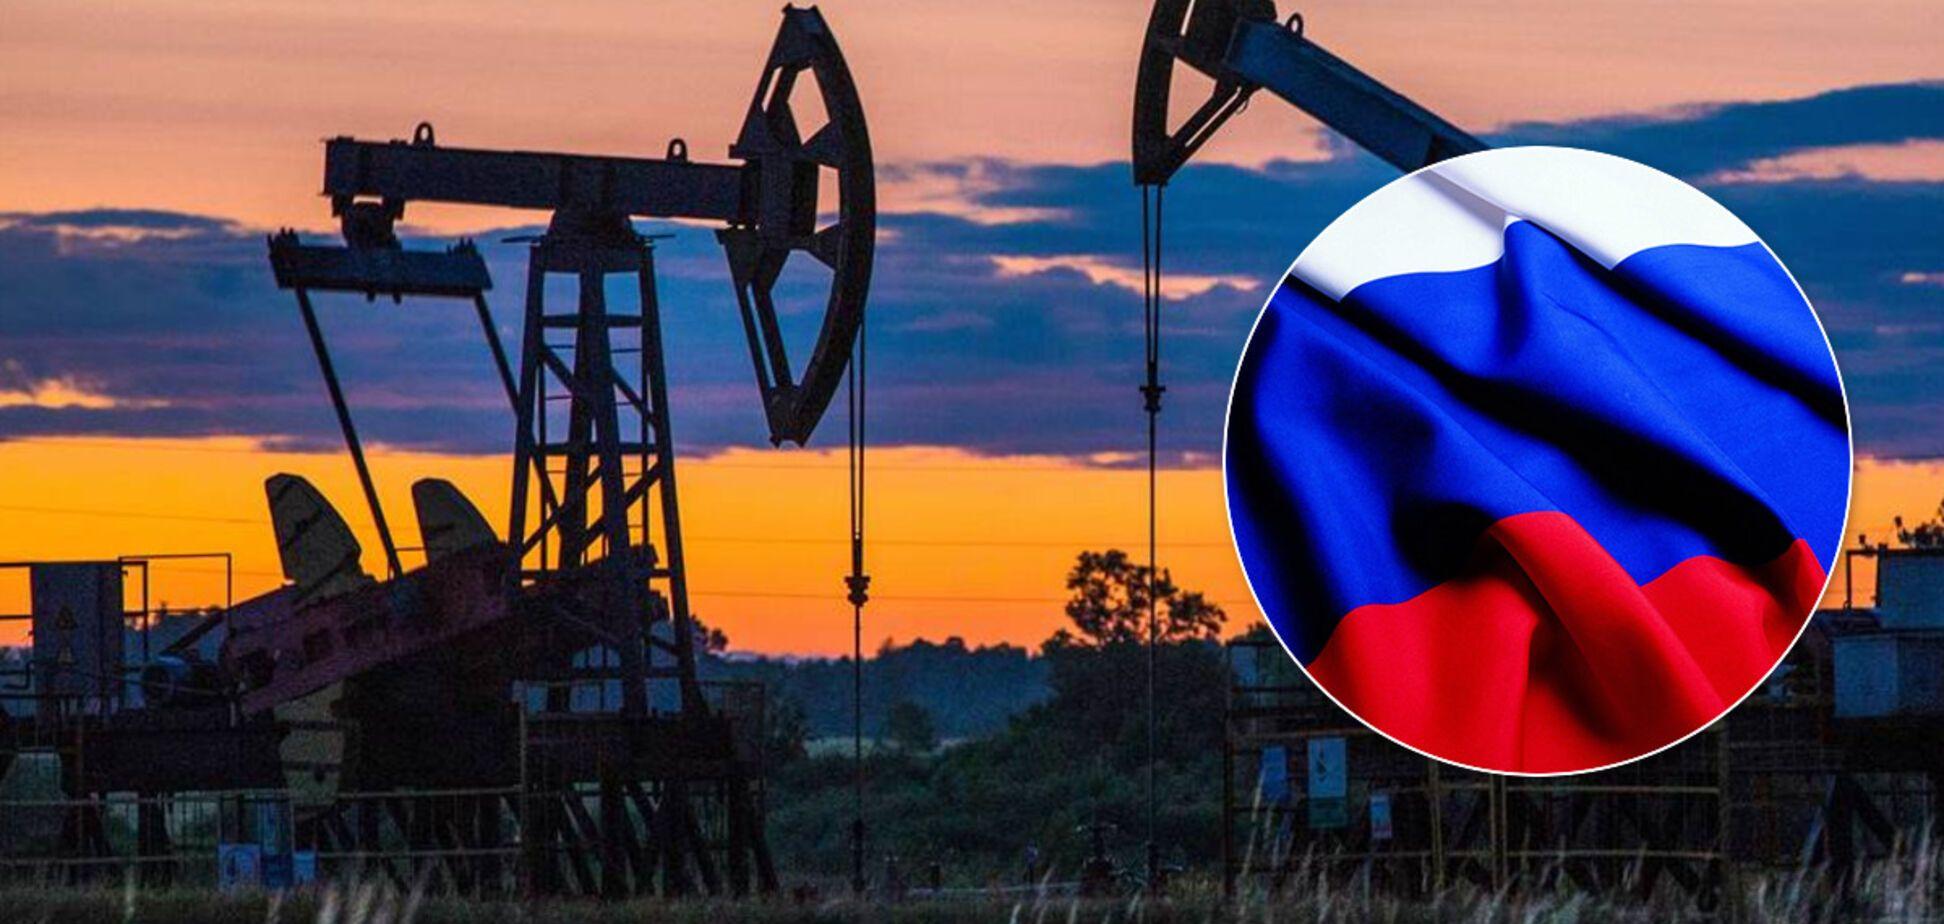 Саудівська Аравія оголосила нафтову війну Росії: чим це загрожує